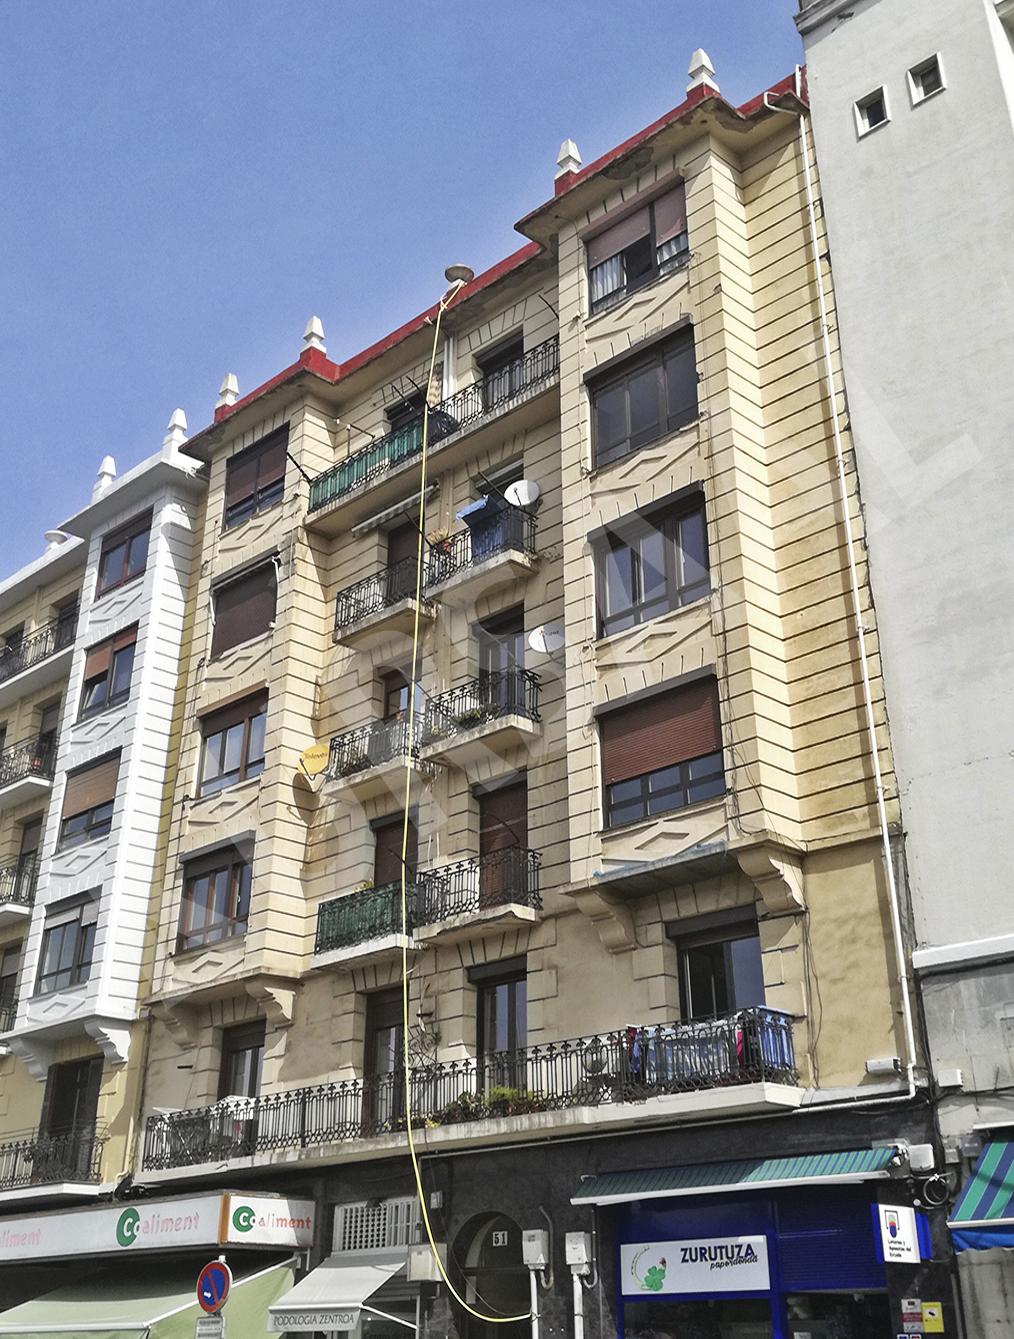 foto 1 - Aislamientos Térmicos y Eficiencia Energética-Euskadi Etorbidea, 51-PASAIA, GIPUZKOA